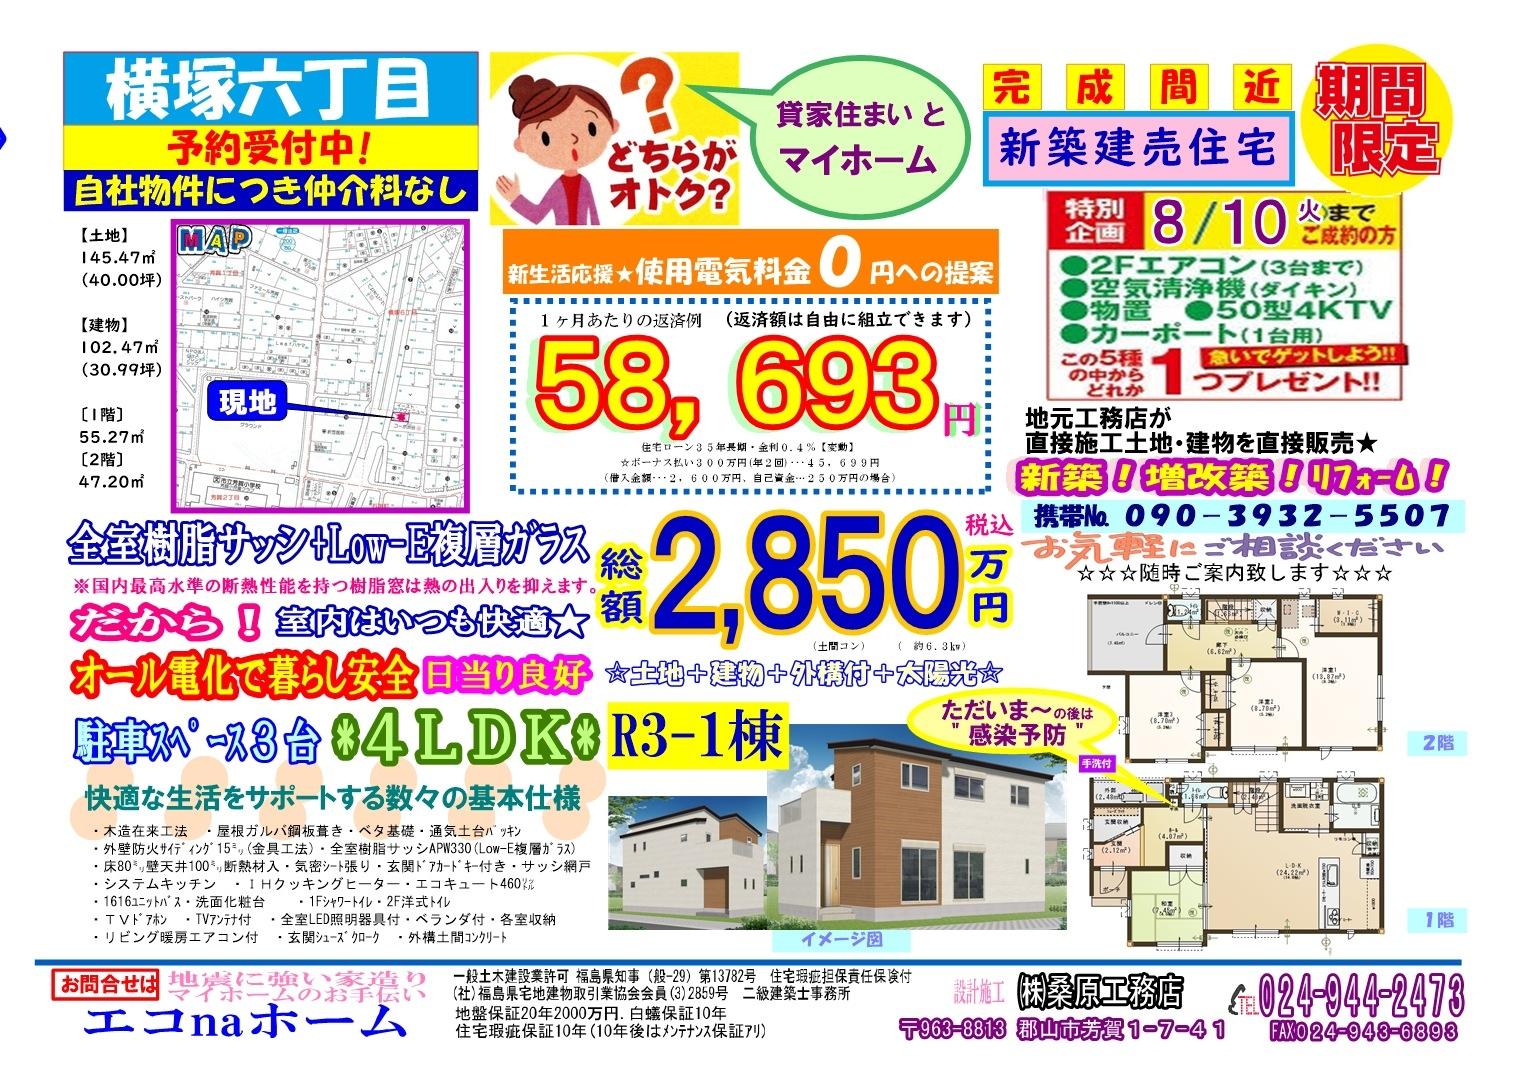 20210726 yoko6-R3-1.jpg